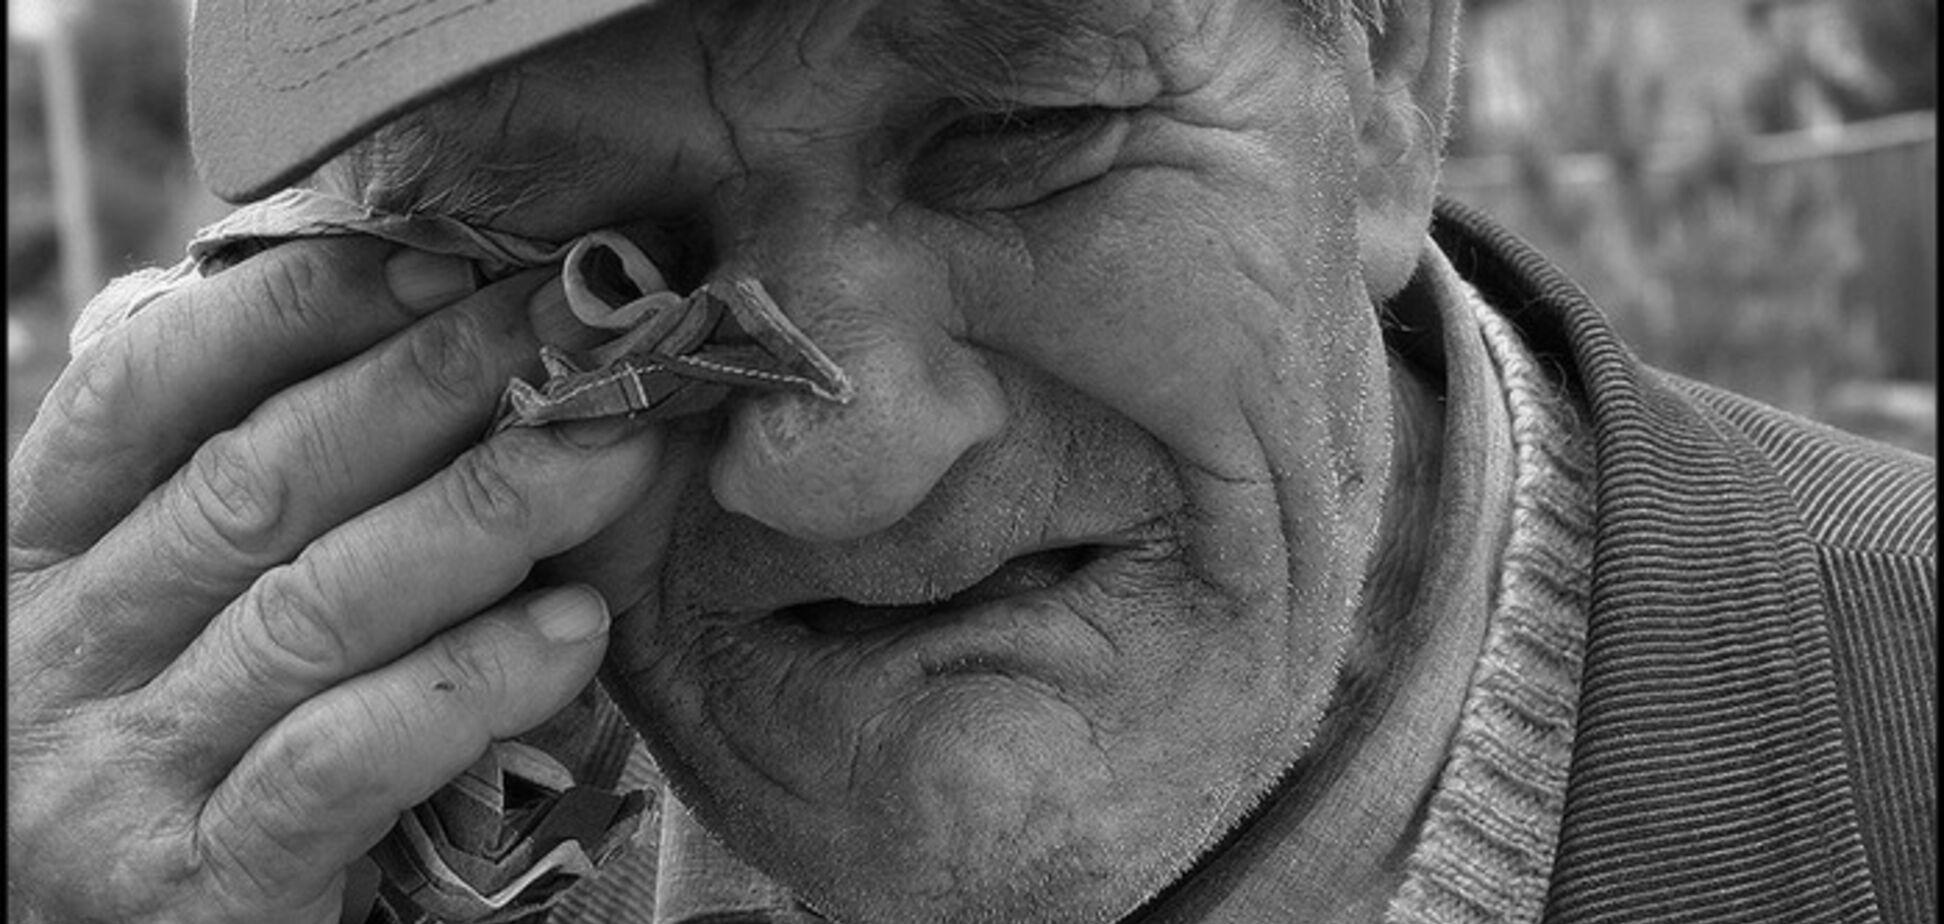 В Днепре преступник напал на дедушку и ограбил его